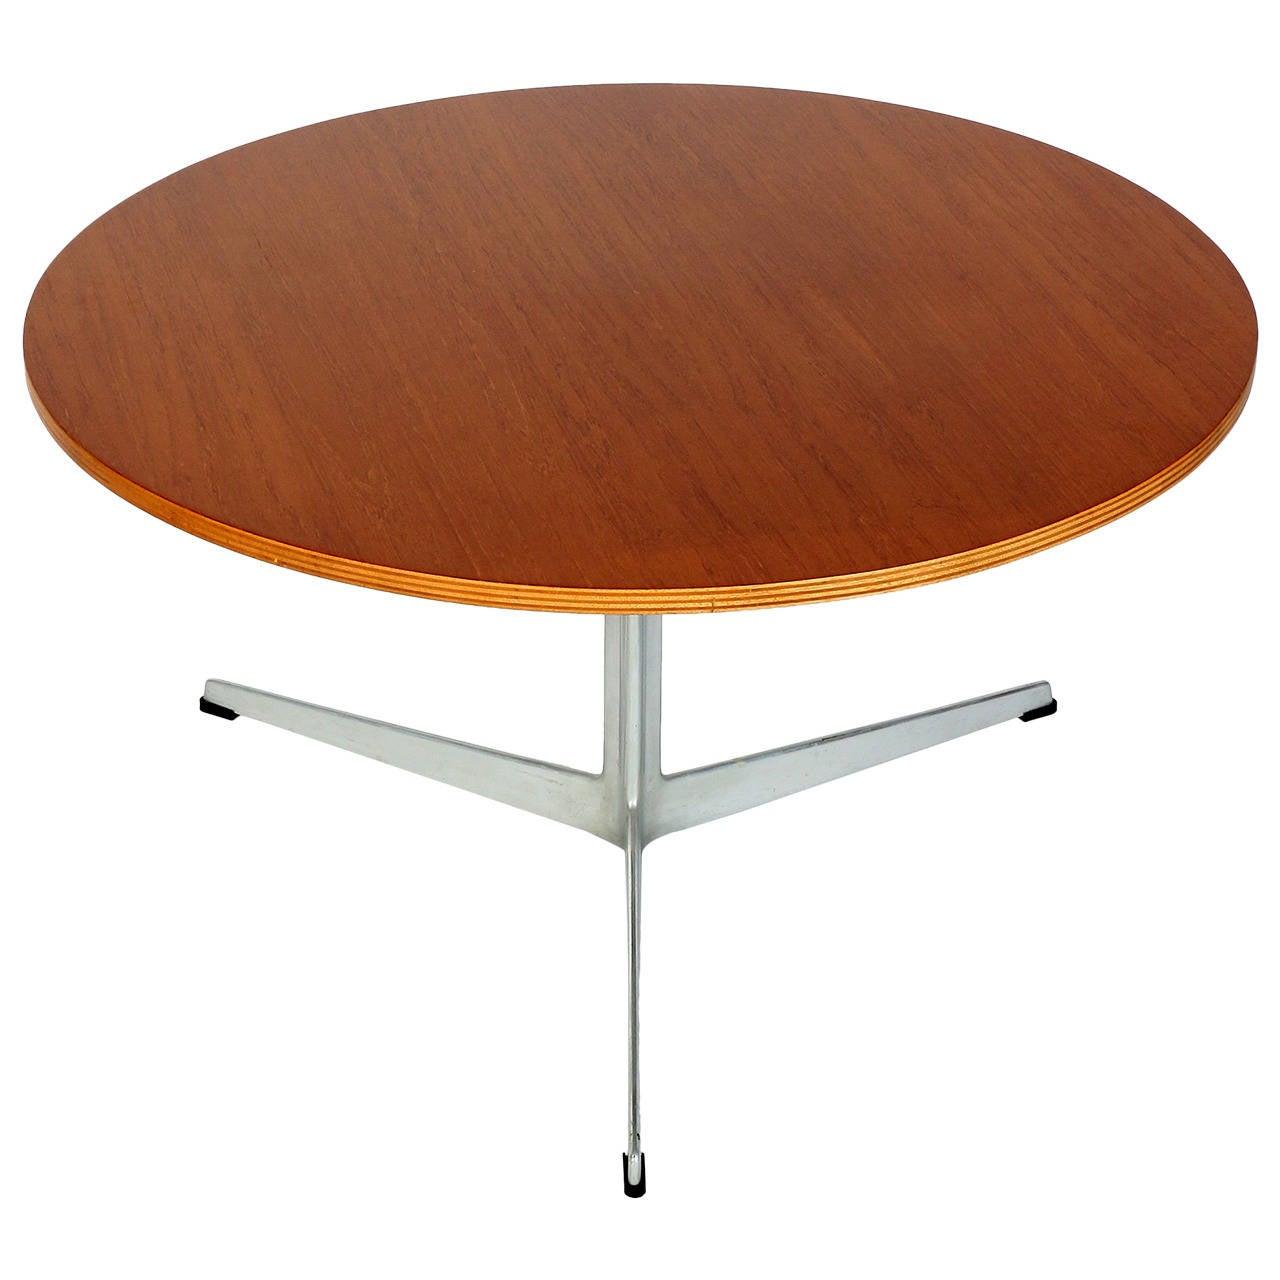 Danish Teak Coffee Table Model 3513 By Arne Jacobsen For Fritz Hansen At 1stdibs